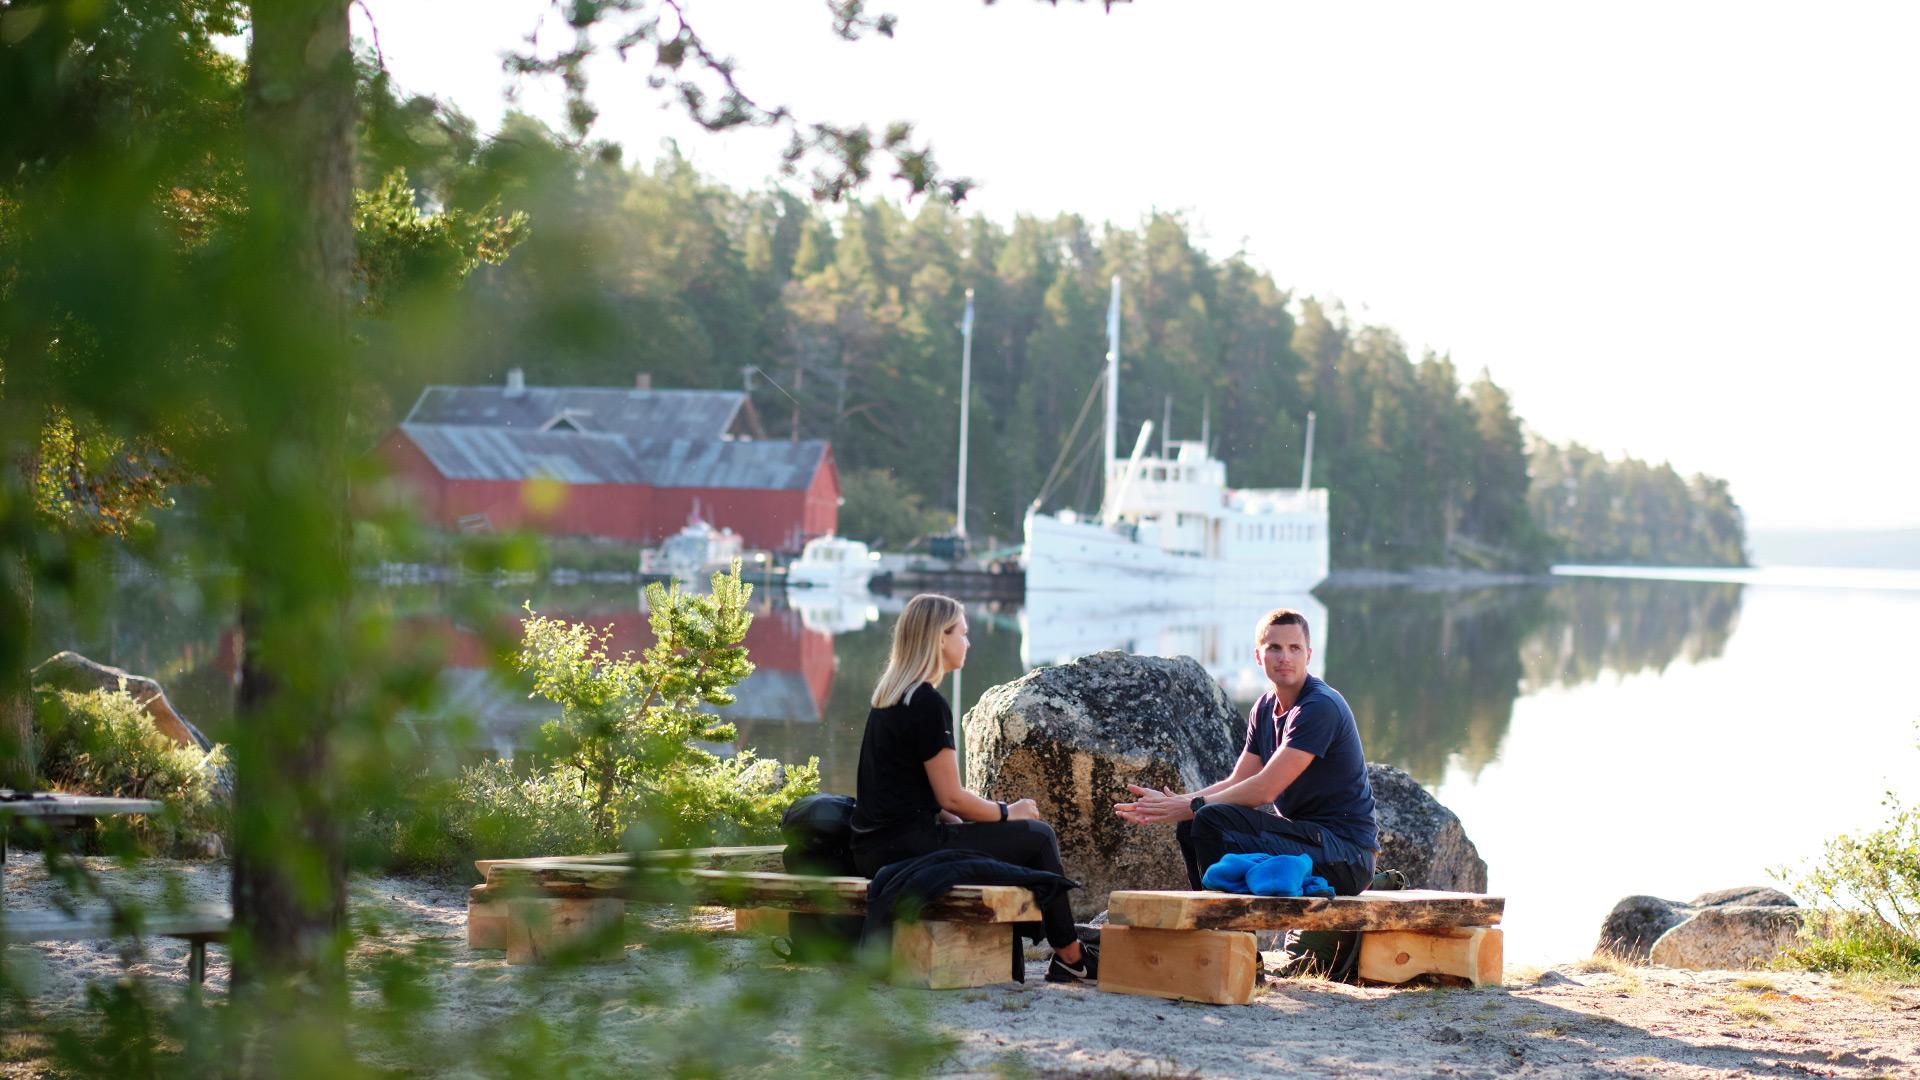 Personer ved innsjø.